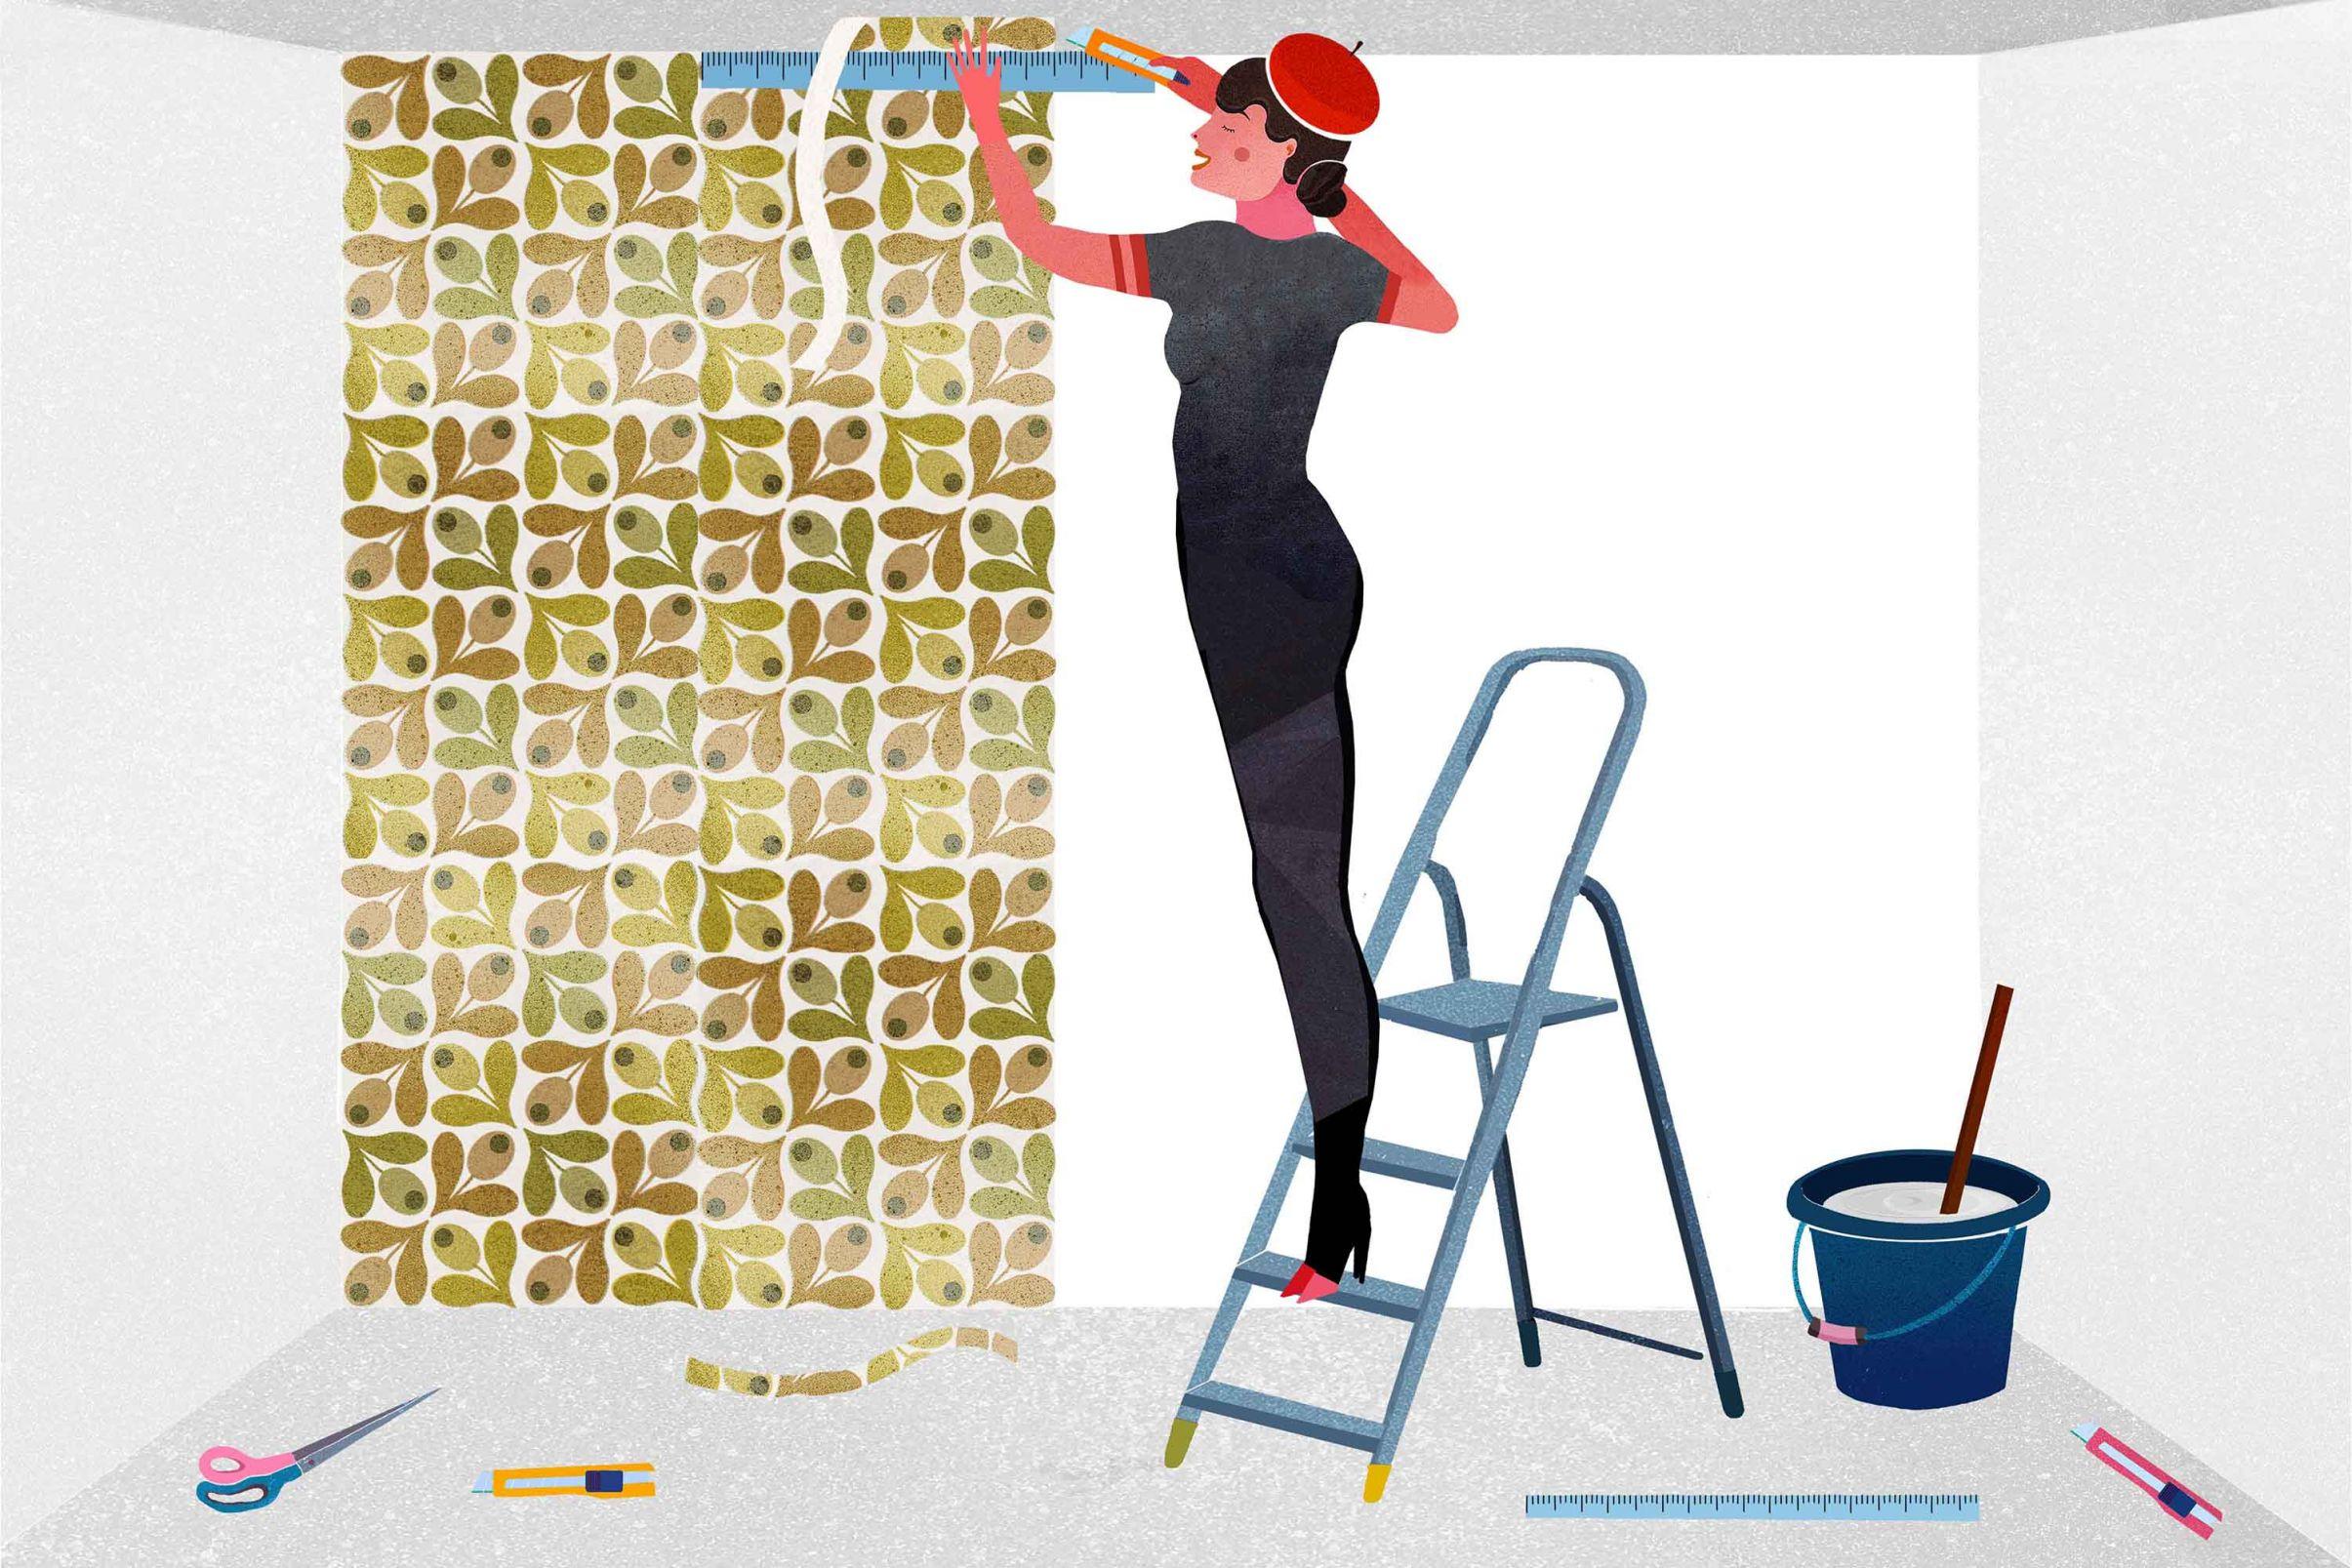 Como-colocar-papel-pintado-con-base-de-papel-Cortar-las-superposiciones